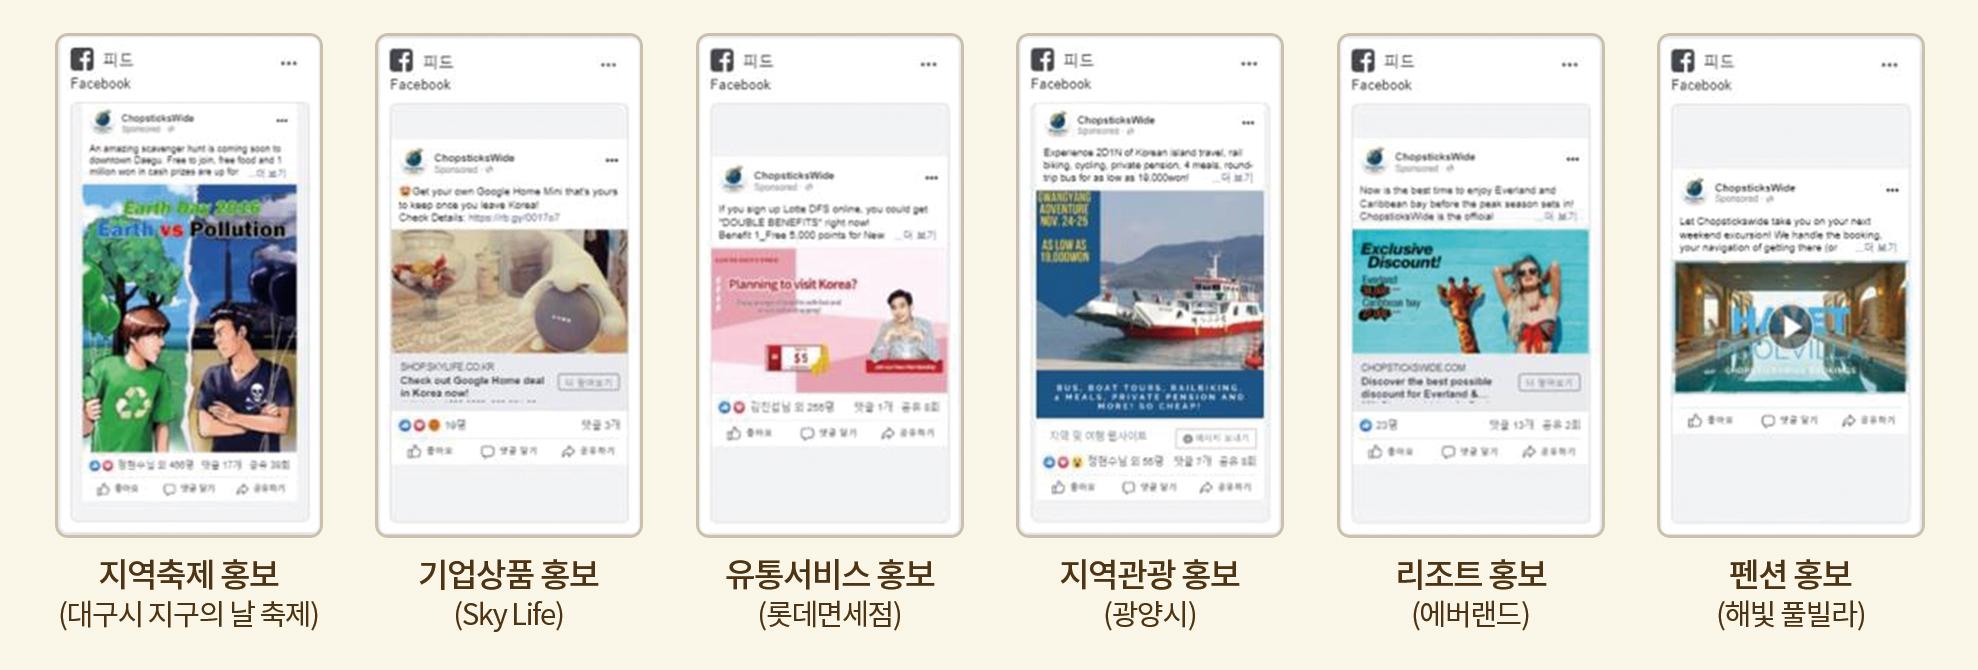 페이스북 광고자산